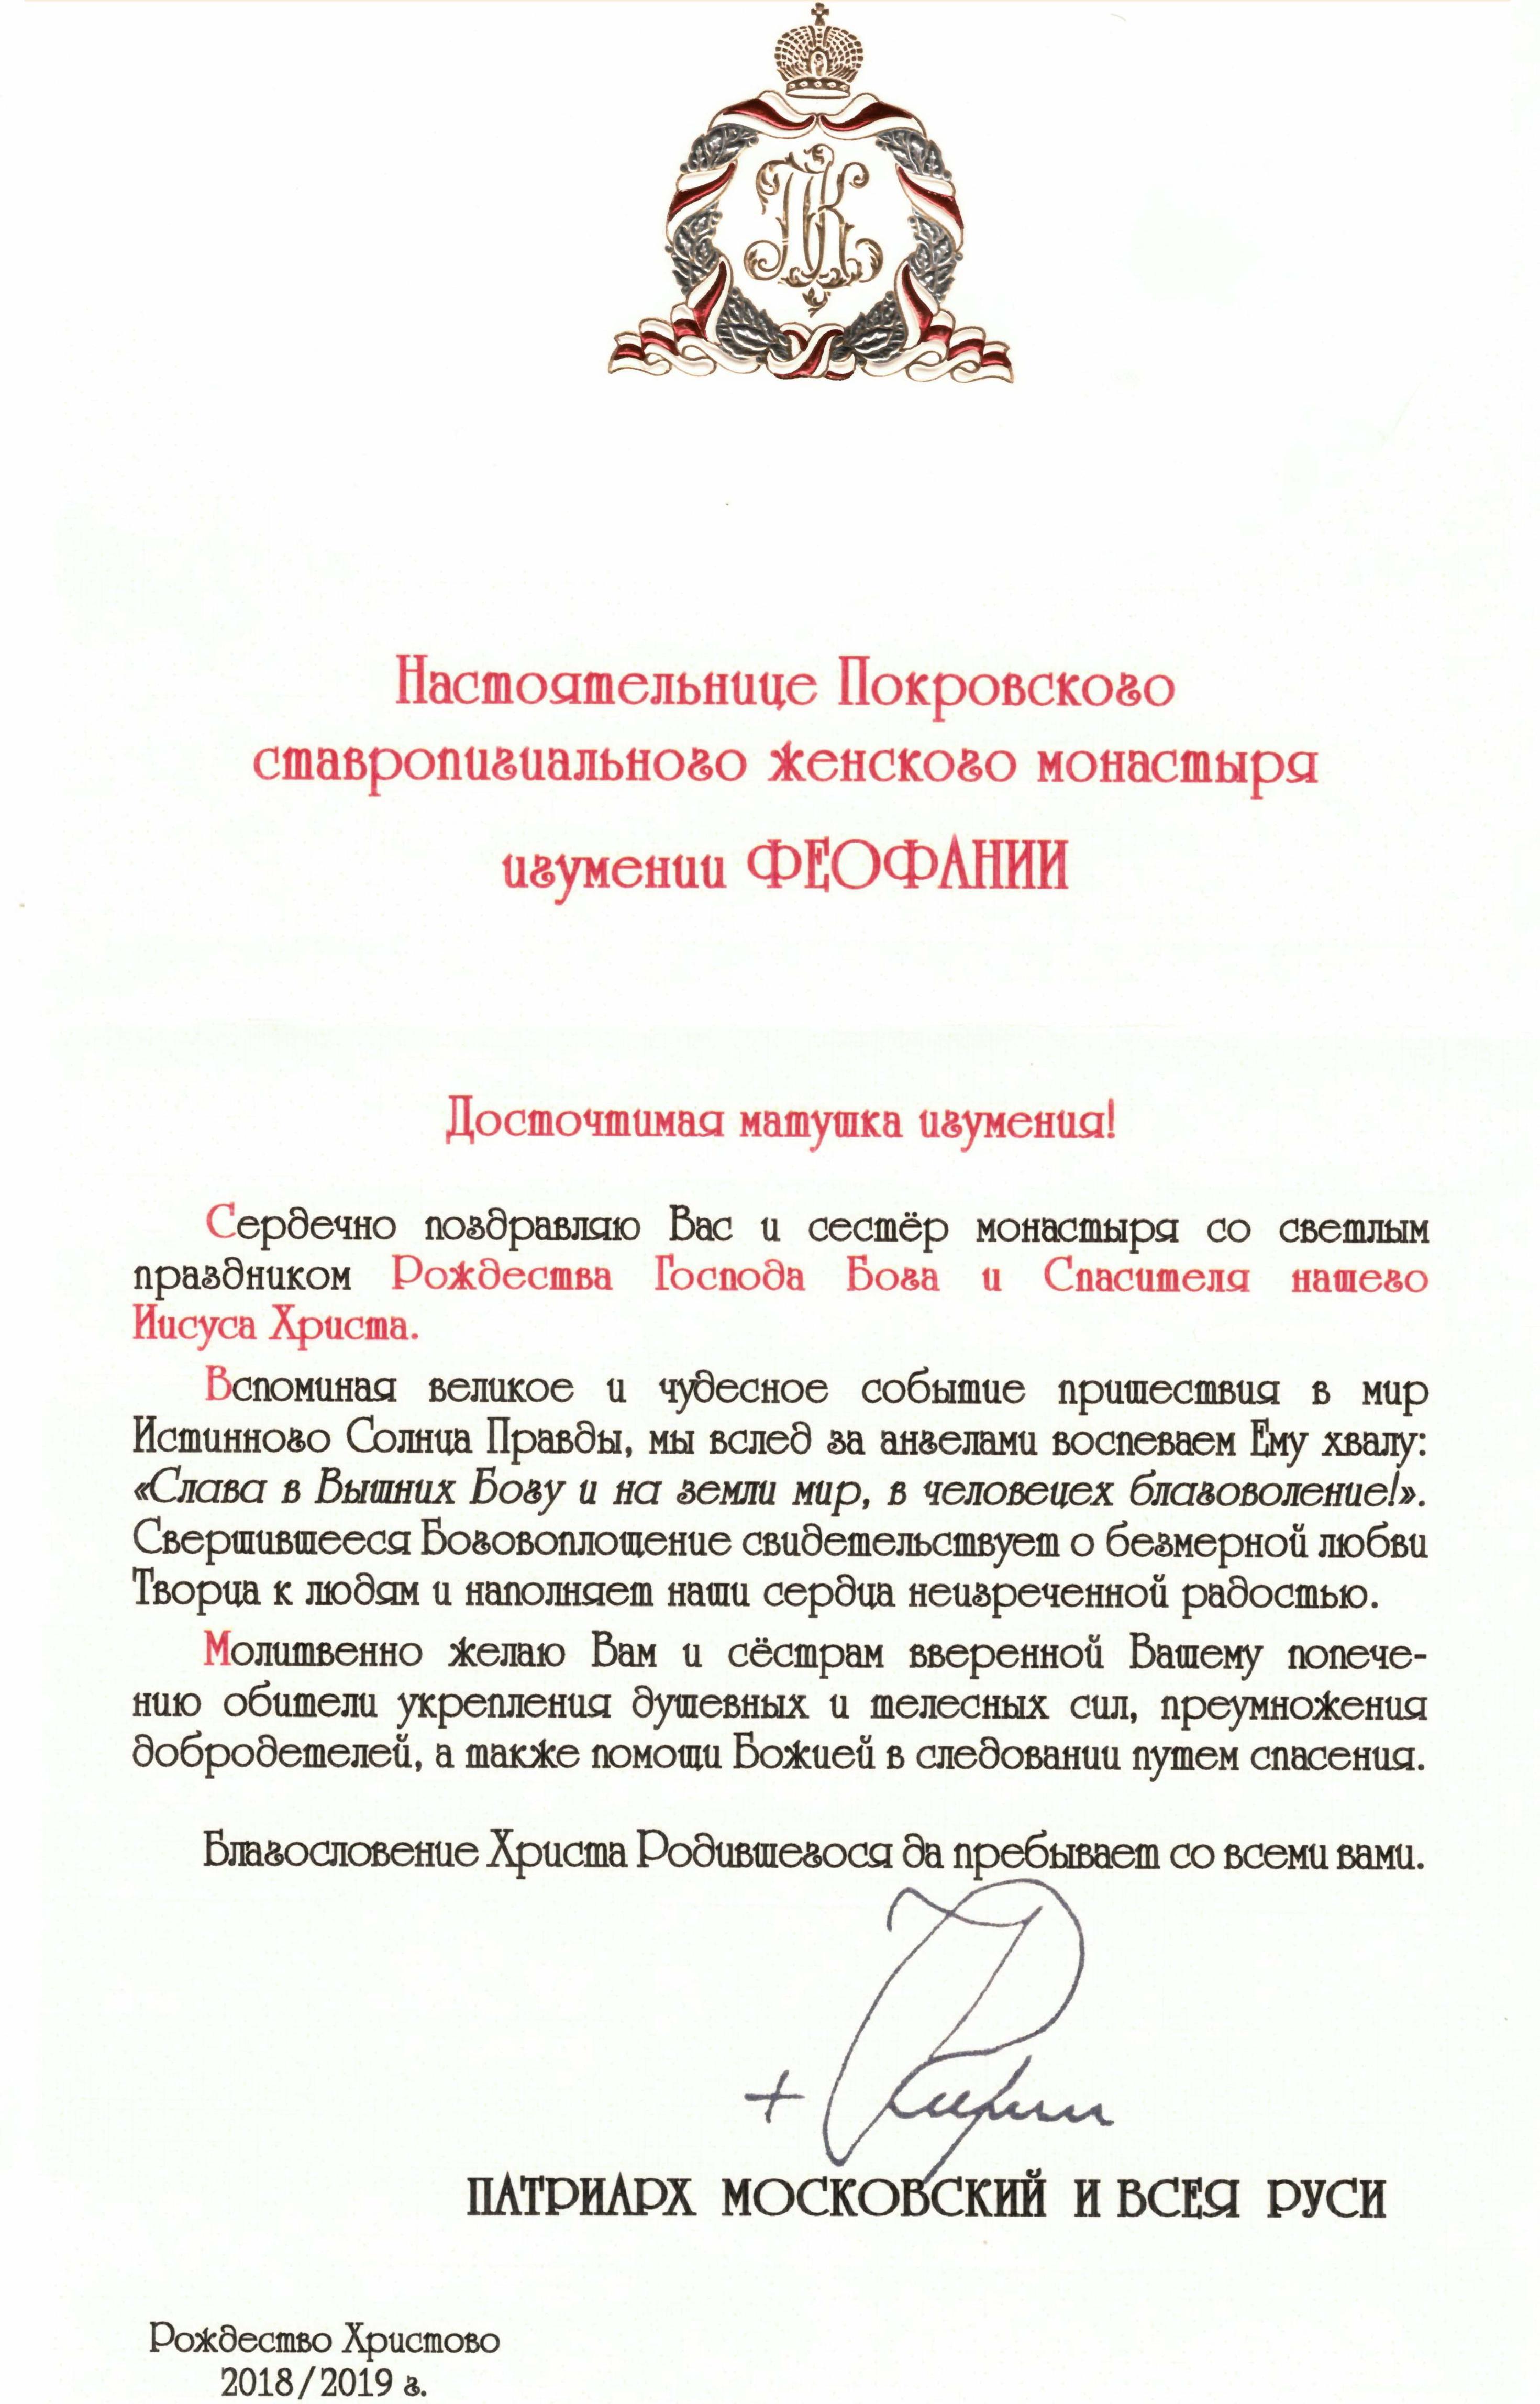 Поздравление с Рождеством Христовым Святейшего Патриарха Московского и всея Руси Кирилла